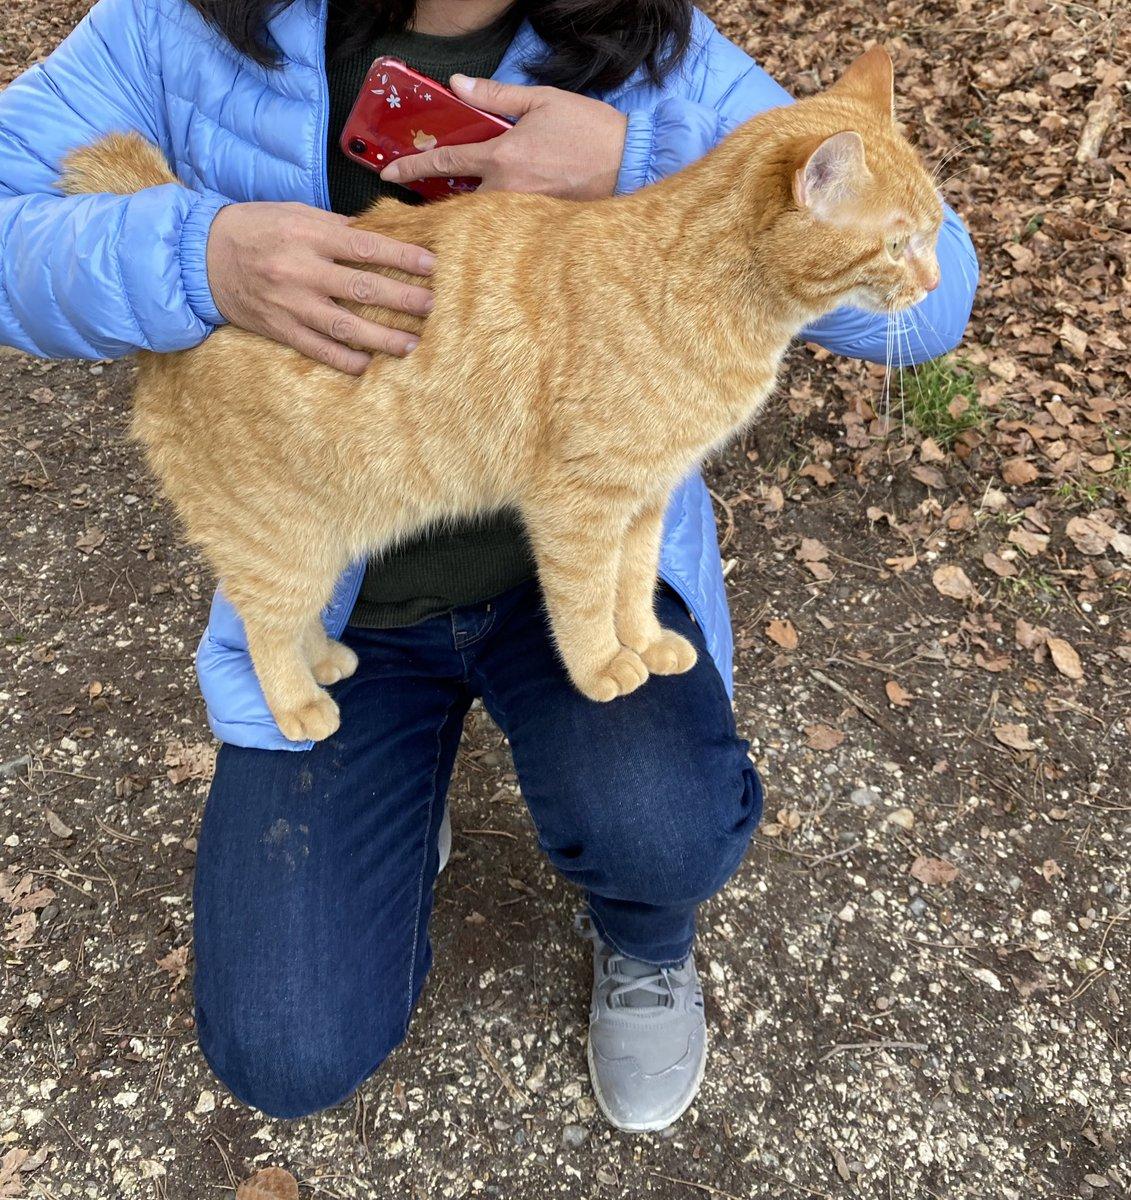 森にいたら、このネコ が一目散に走ってきて いきなり私のひざに乗った…  あんたどこの誰